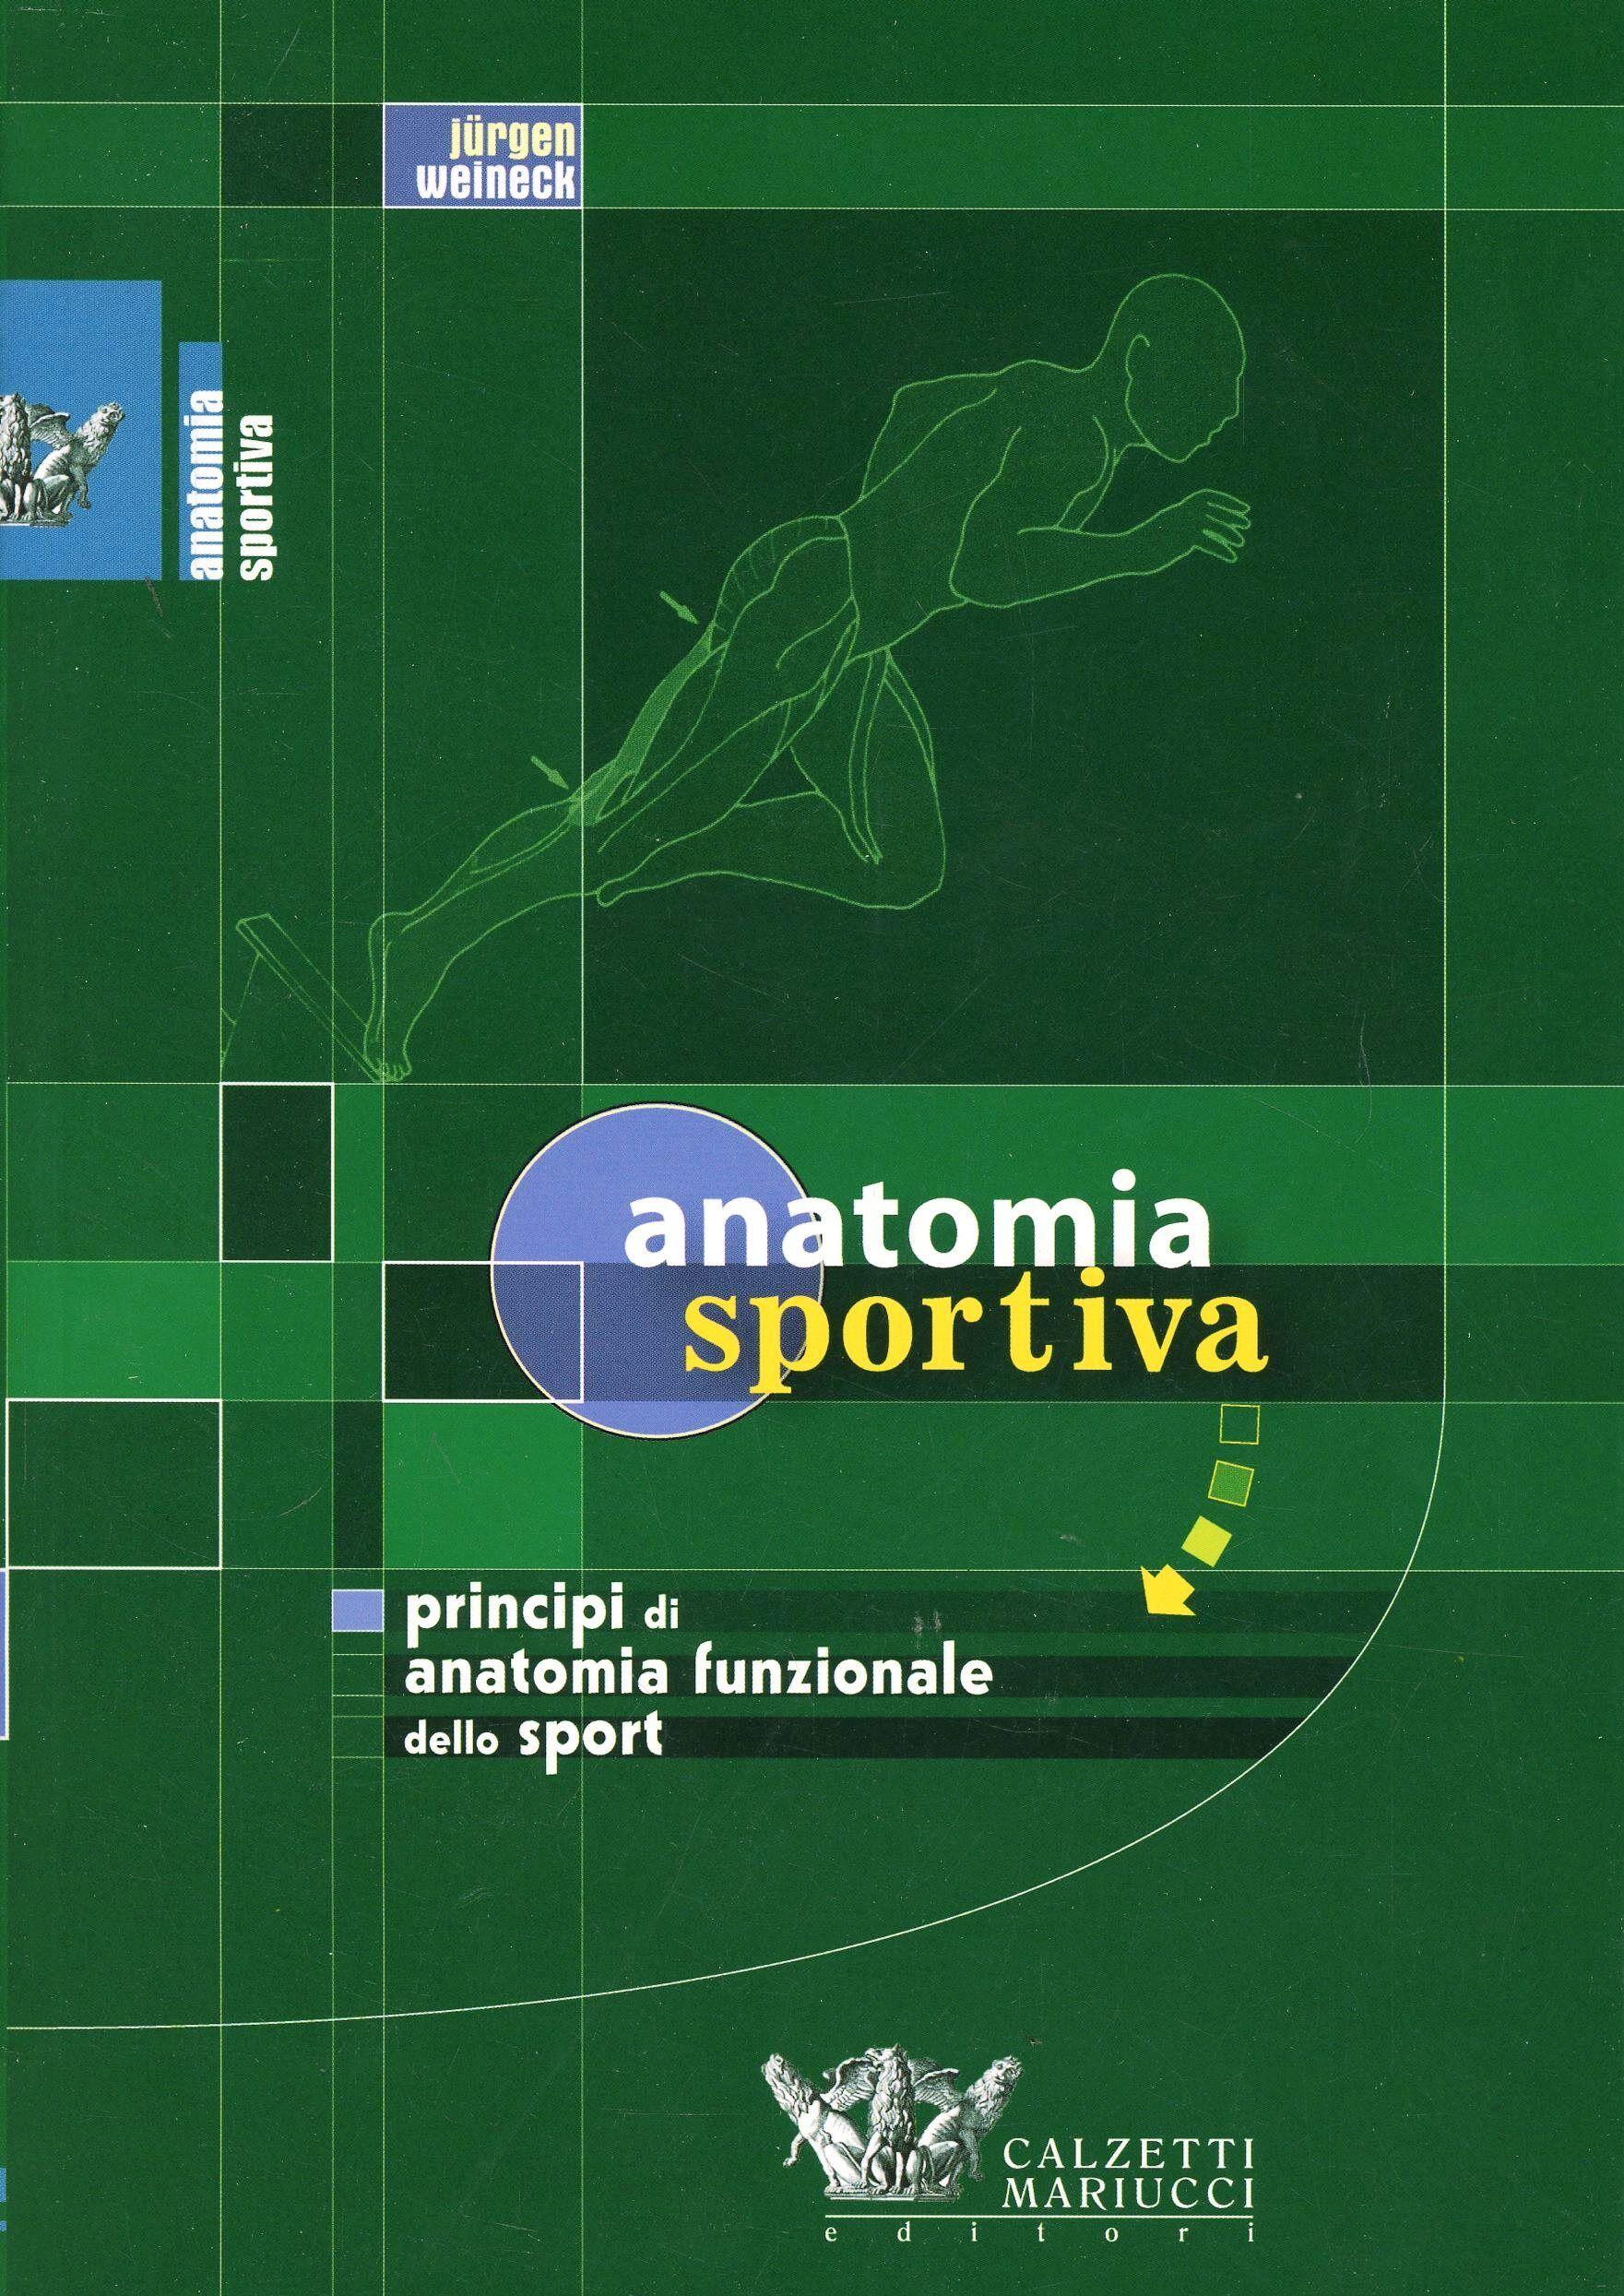 Anatomia sportiva. Principi di anatomia funzionale dello sport